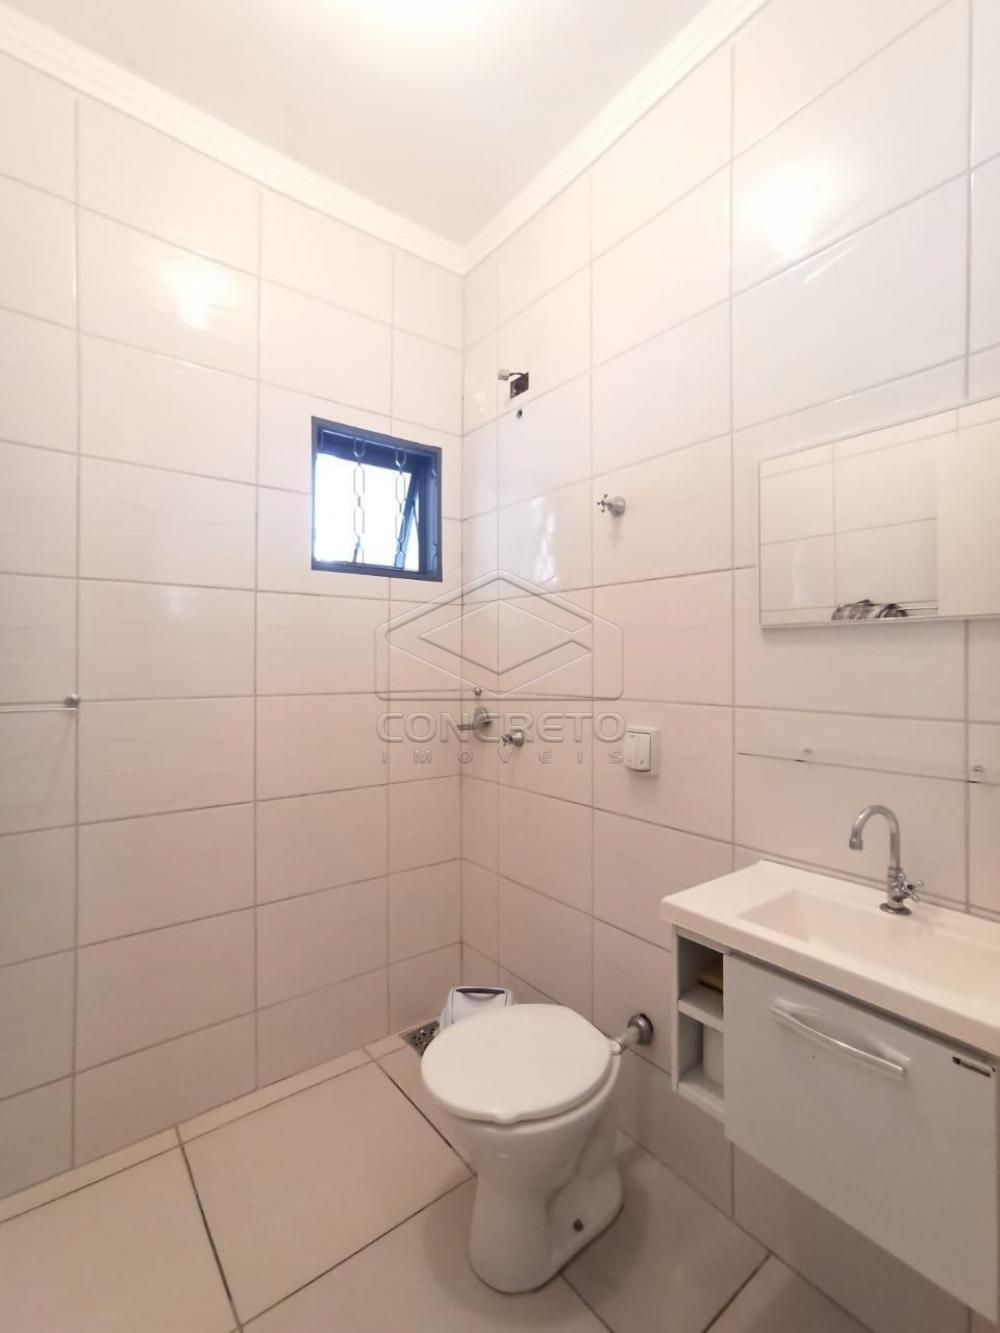 Comprar Casa / Padrão em Bauru R$ 260.000,00 - Foto 8